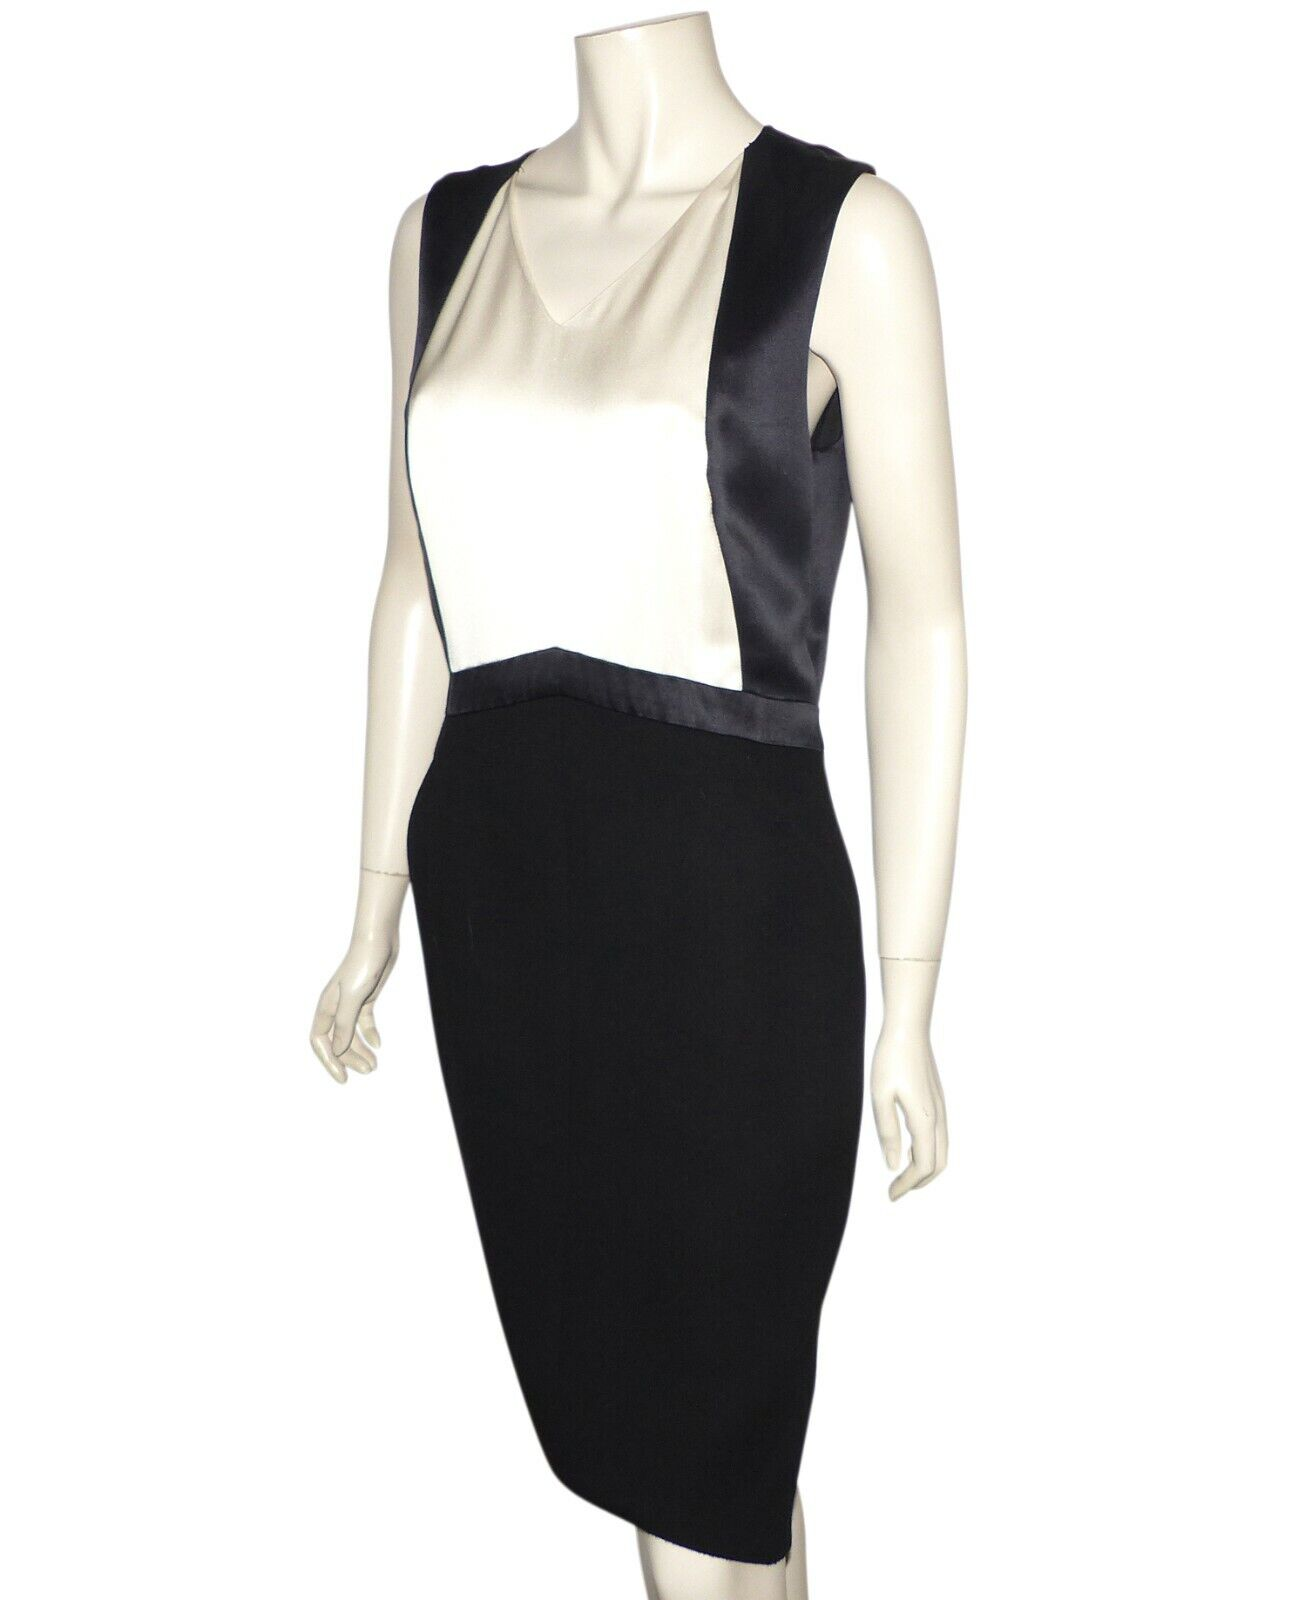 Chanel - robe en laine noire et soie ivoire - chanel's dress